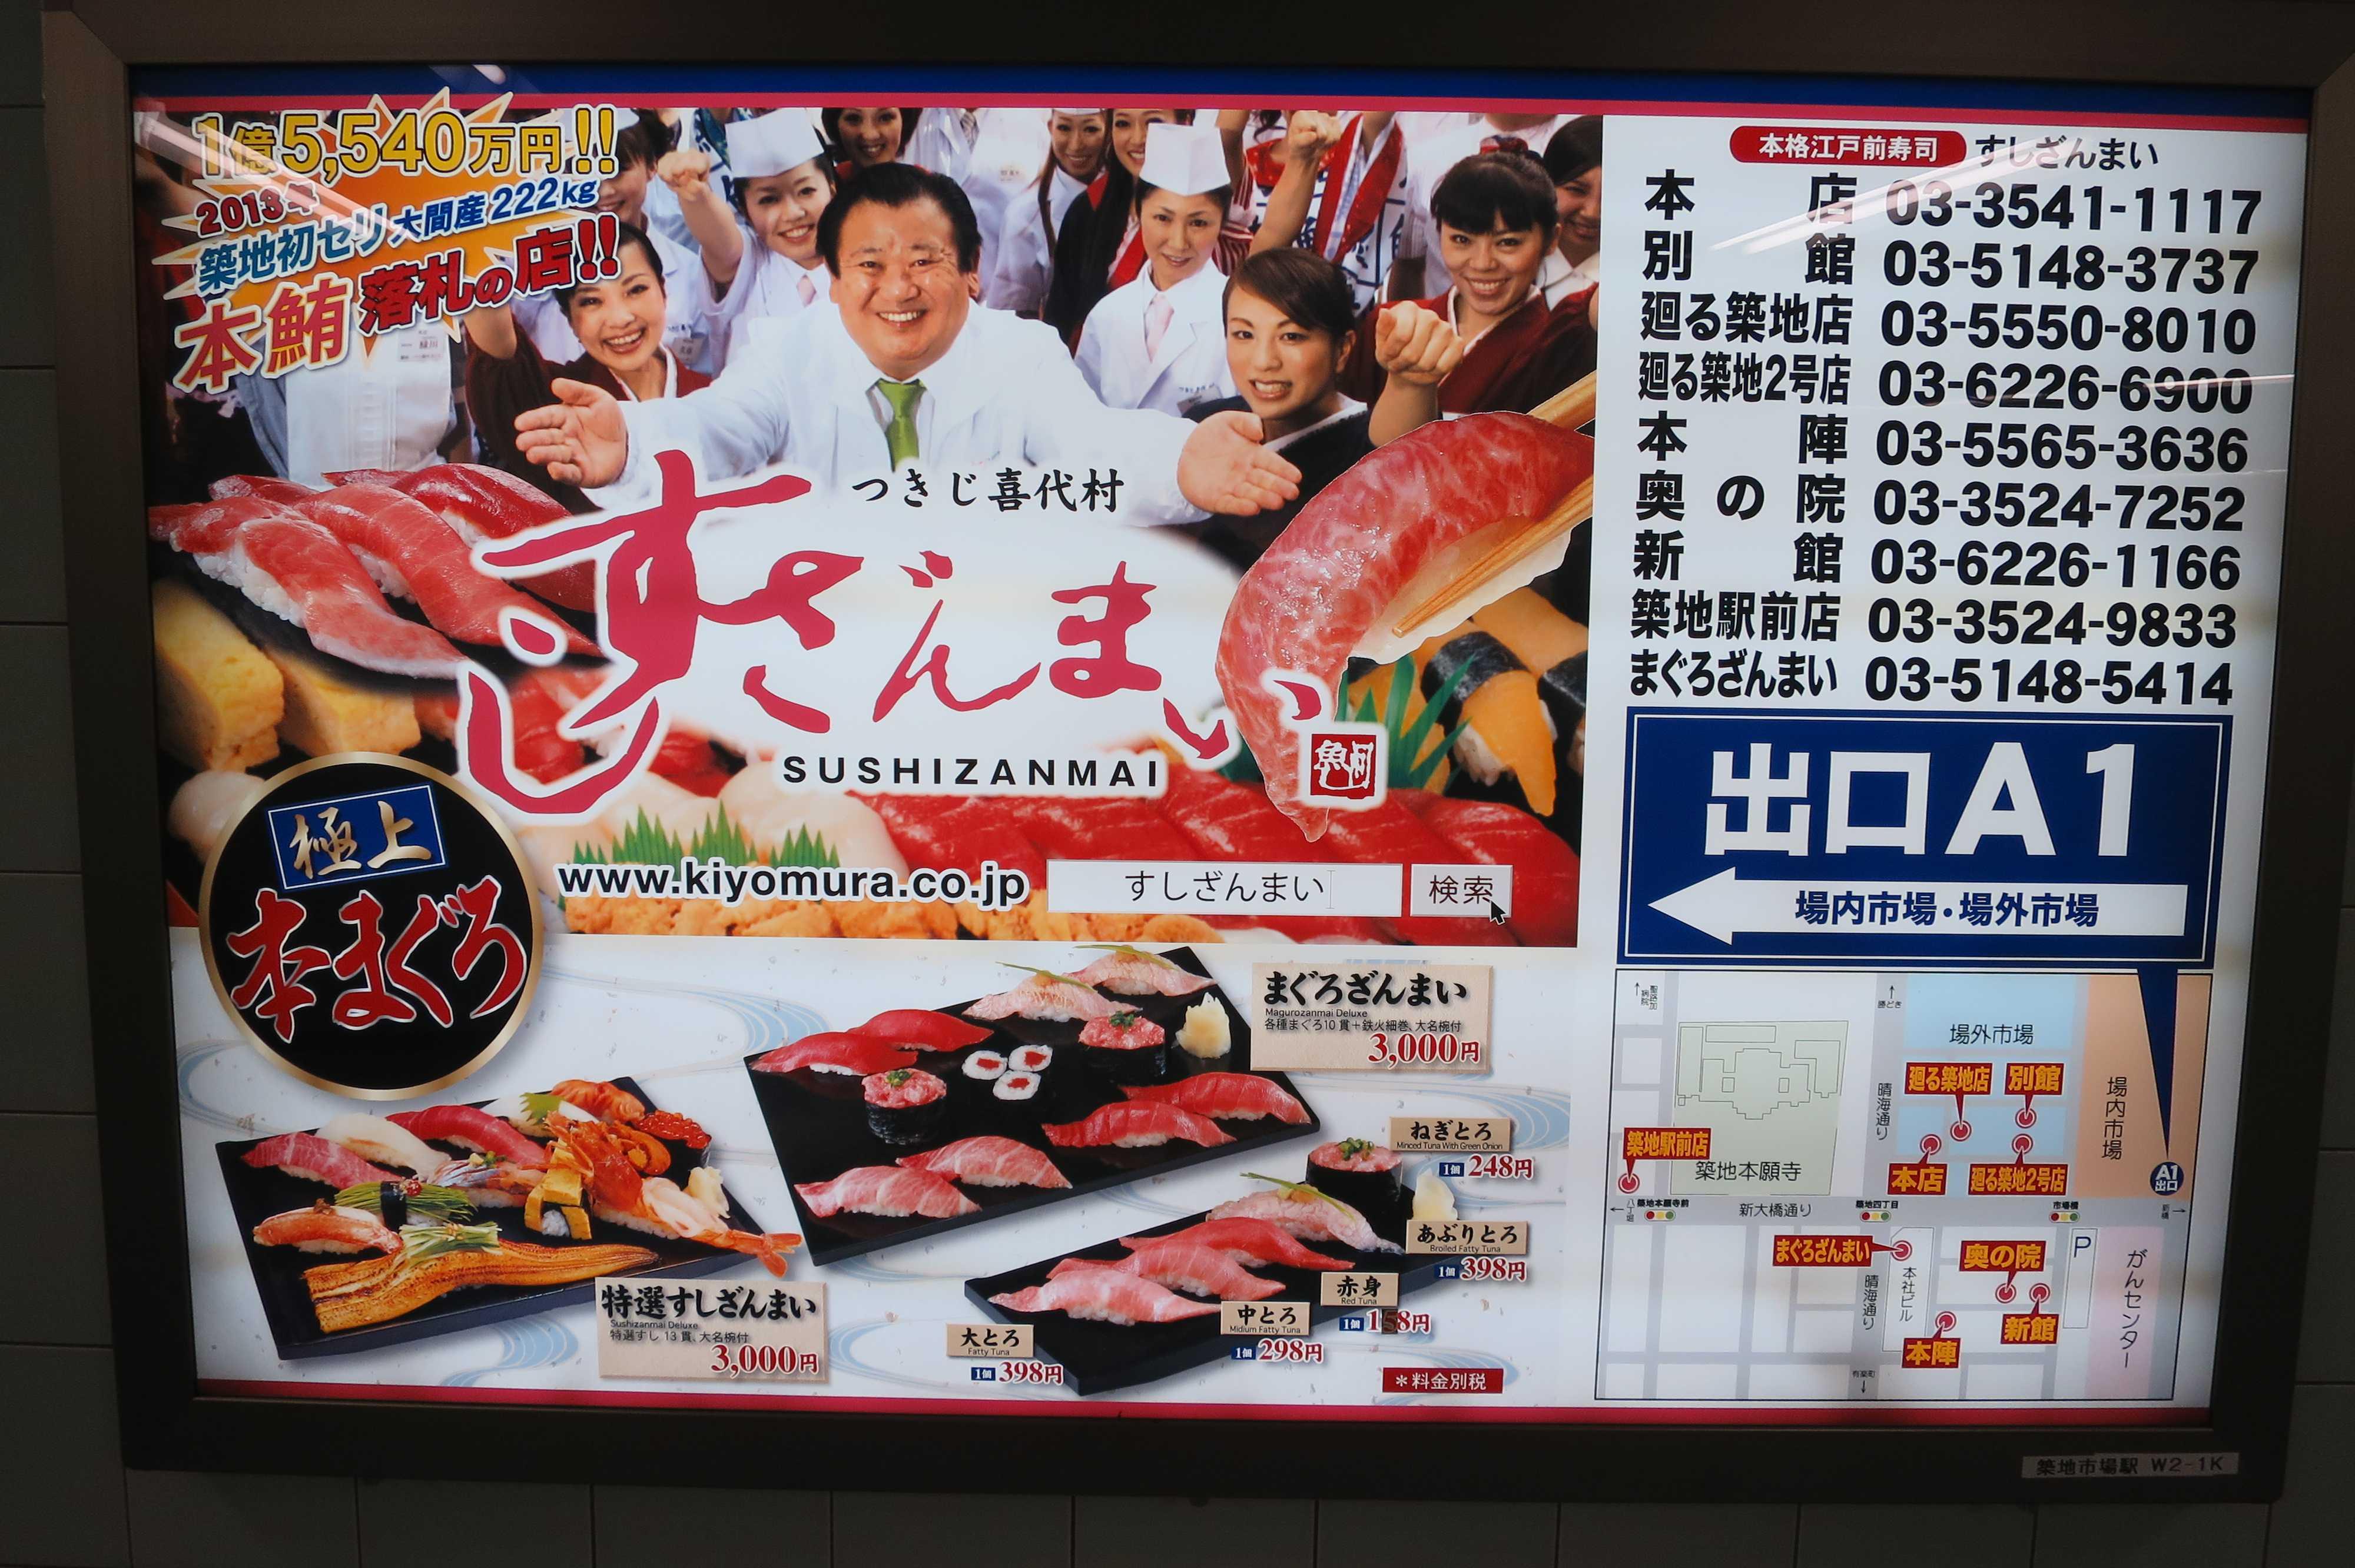 築地エリア - 大江戸線 築地市場駅の電飾看板(つきじ喜代村 すしざんまい)